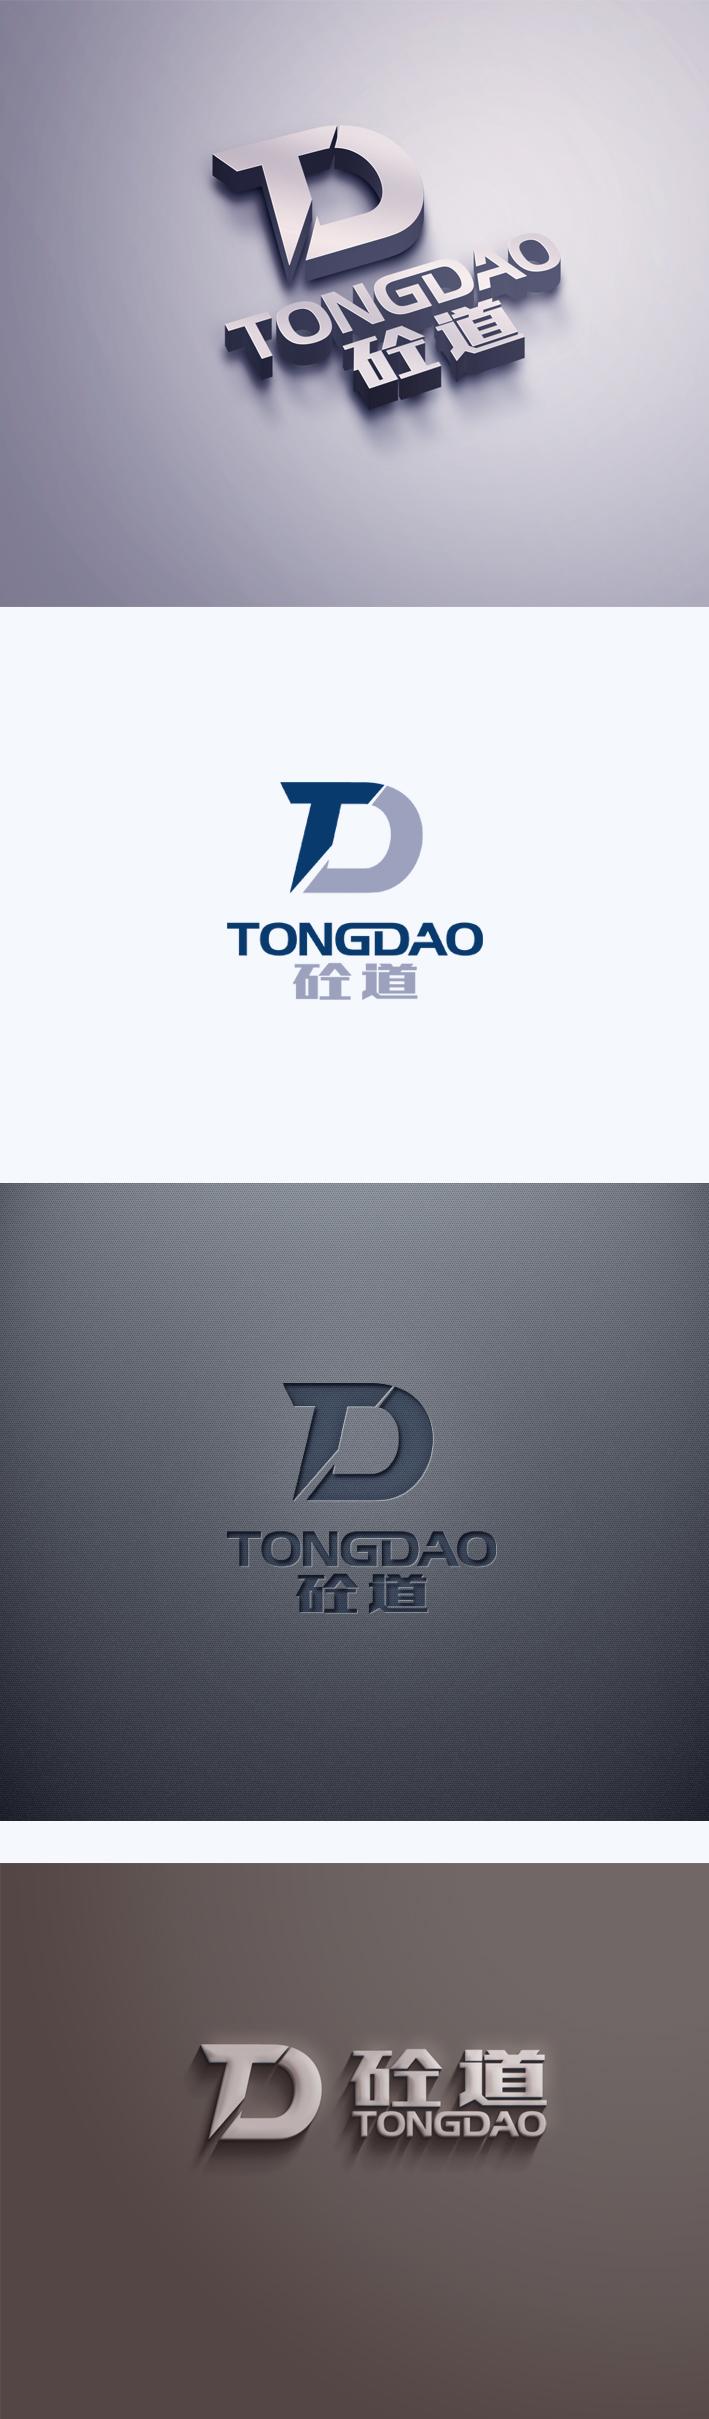 产品Logo设计_3033310_k68威客网